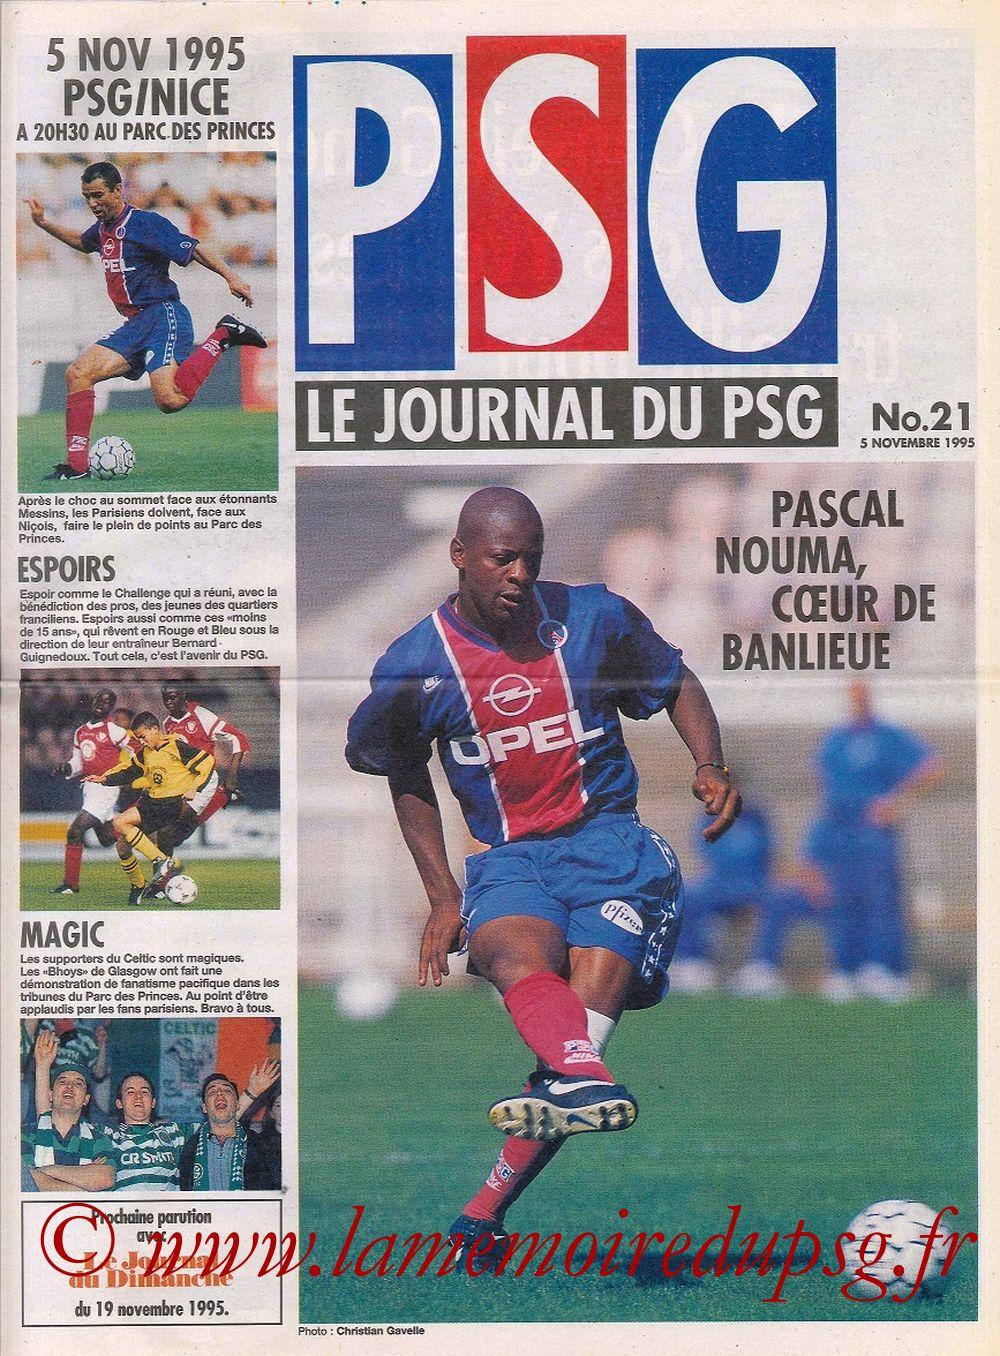 1995-11-05  PSG-Nice (16ème D1, Le journal du PSG N°21)